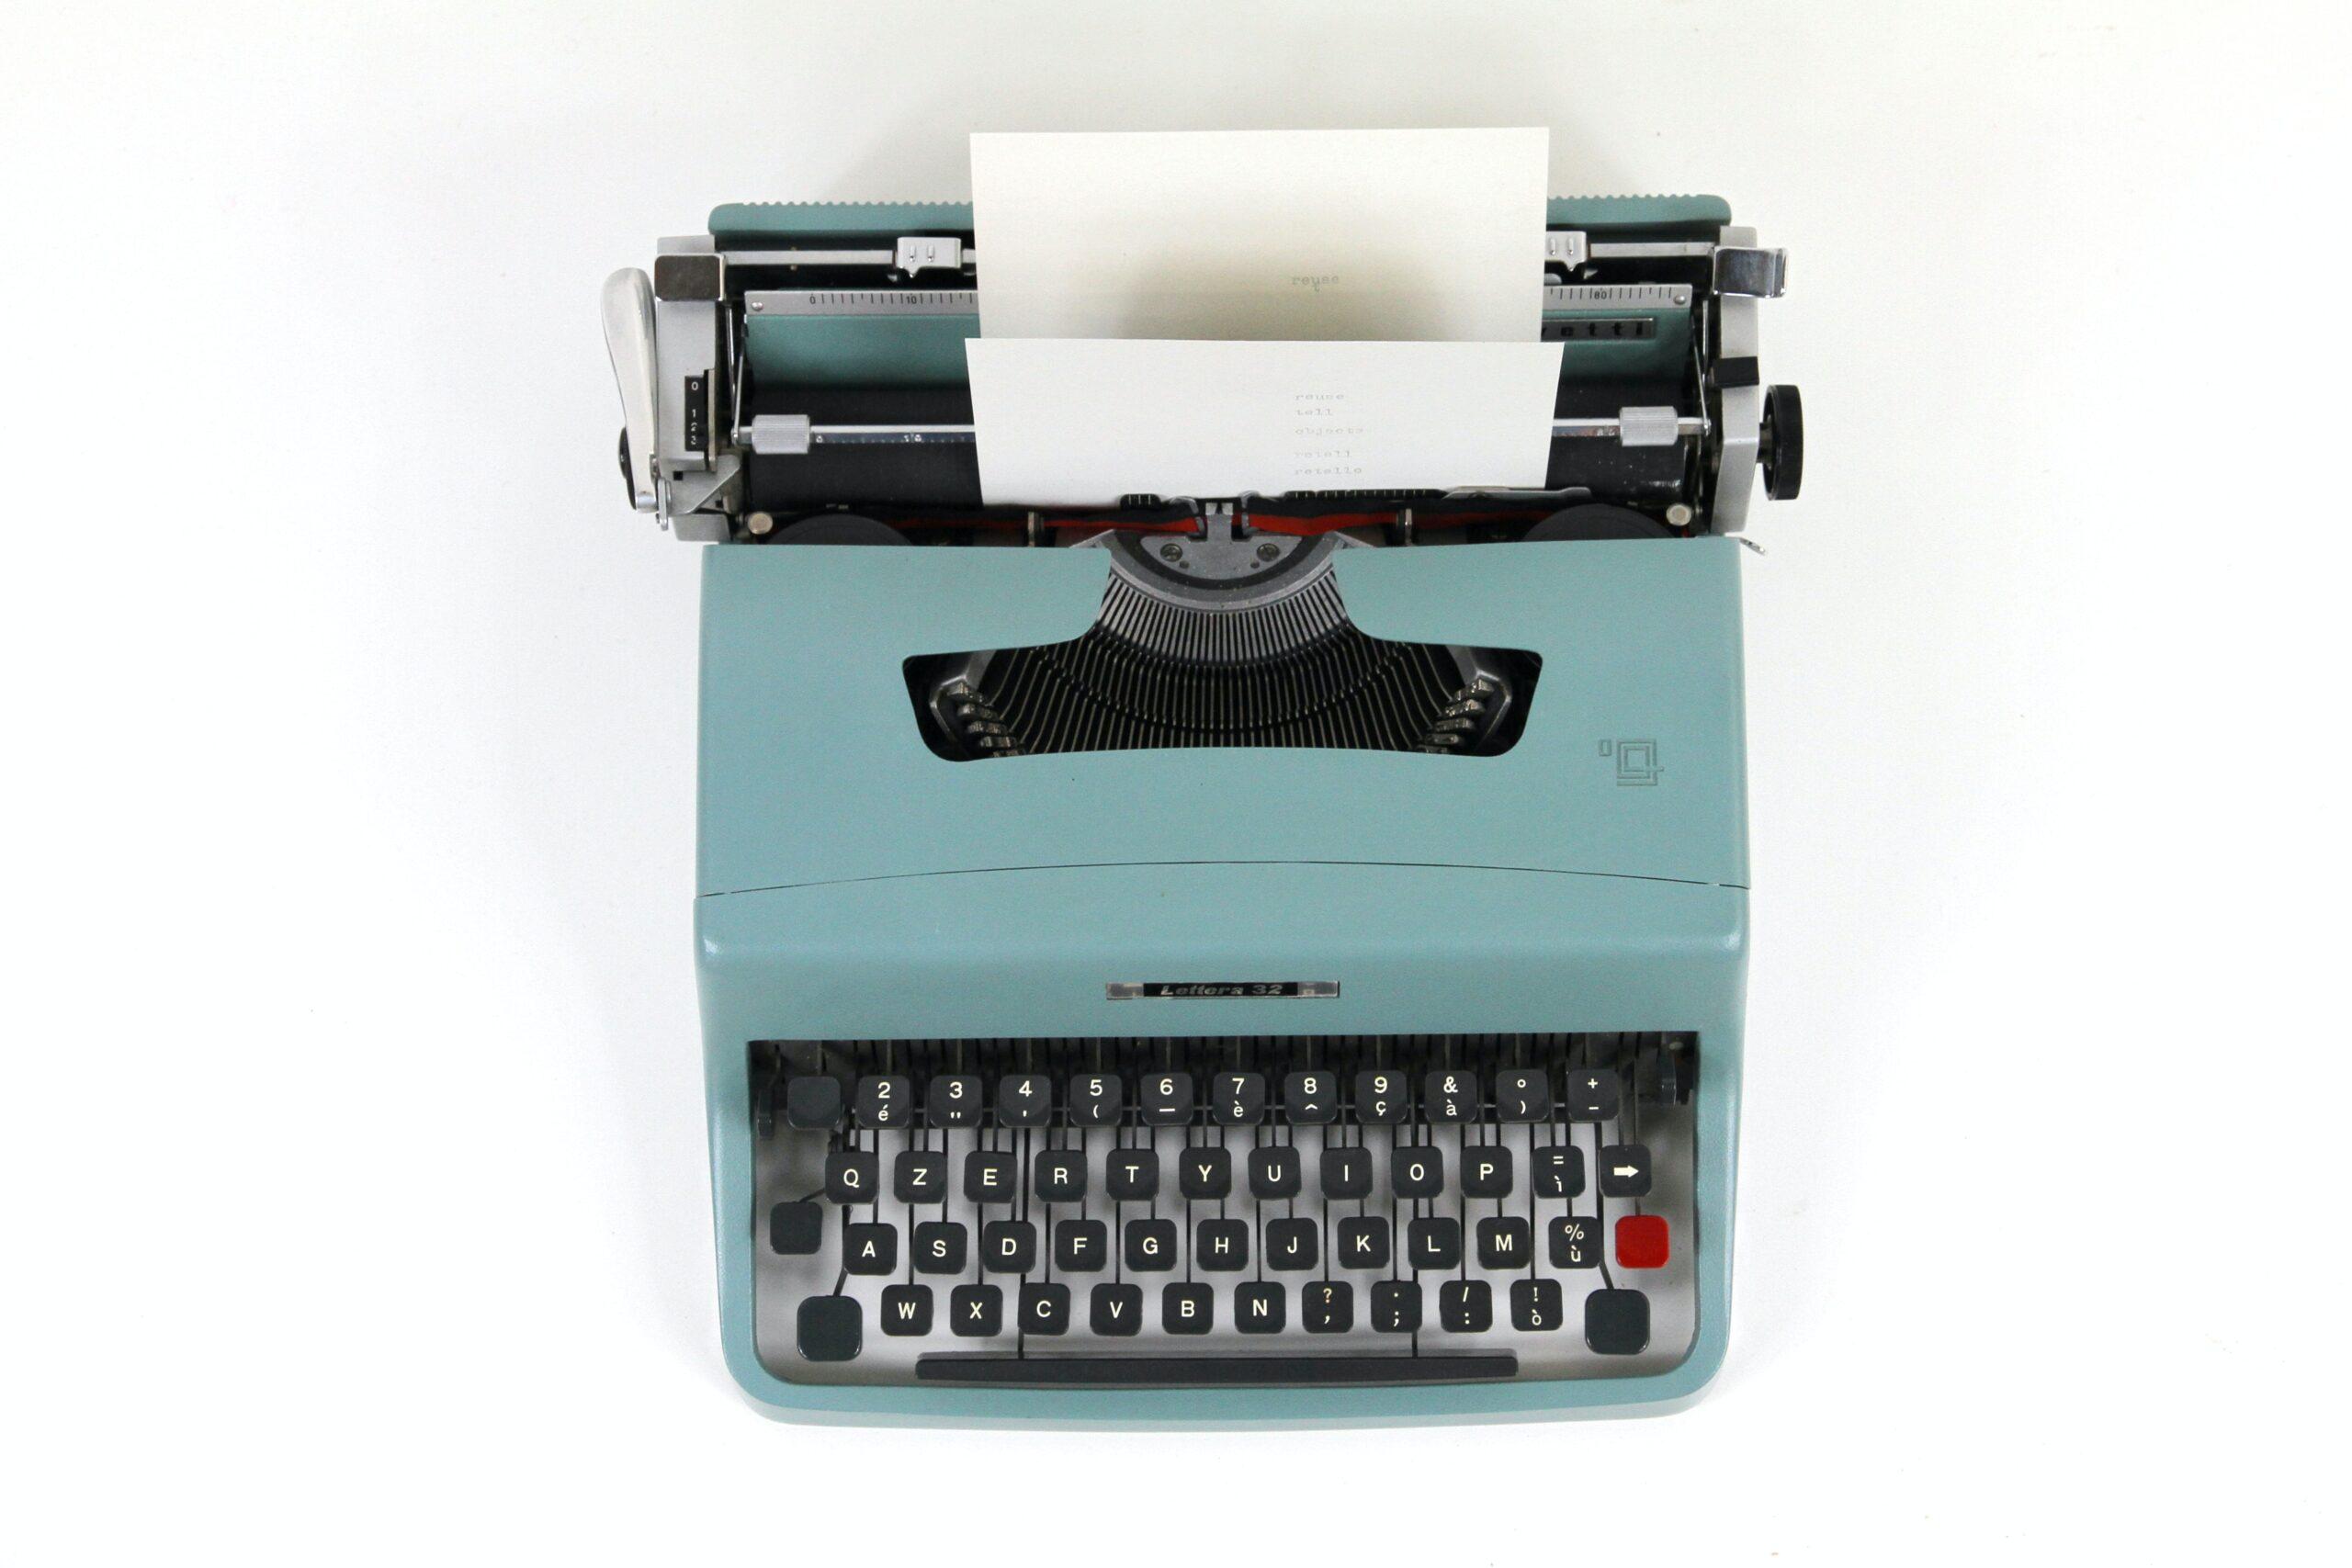 Blue typewriter typing something out